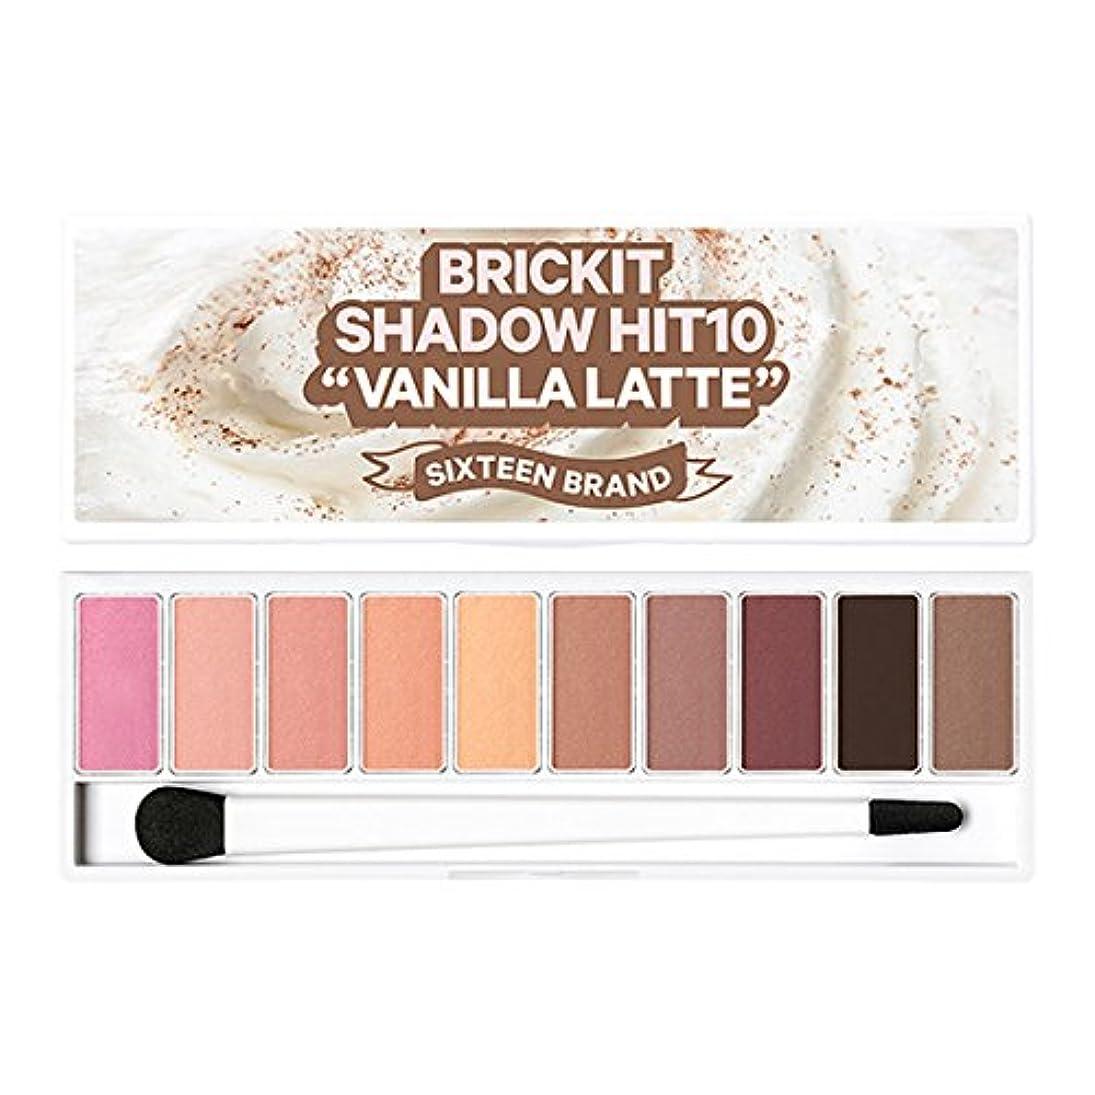 効率泣くシャット16brand Sixteen Brickit Shadow Hit 10 Vanilla Latte 10g/16ブランド シックスティーン ブリックキット シャドウ ヒット 10 バニララテ 10g [並行輸入品]